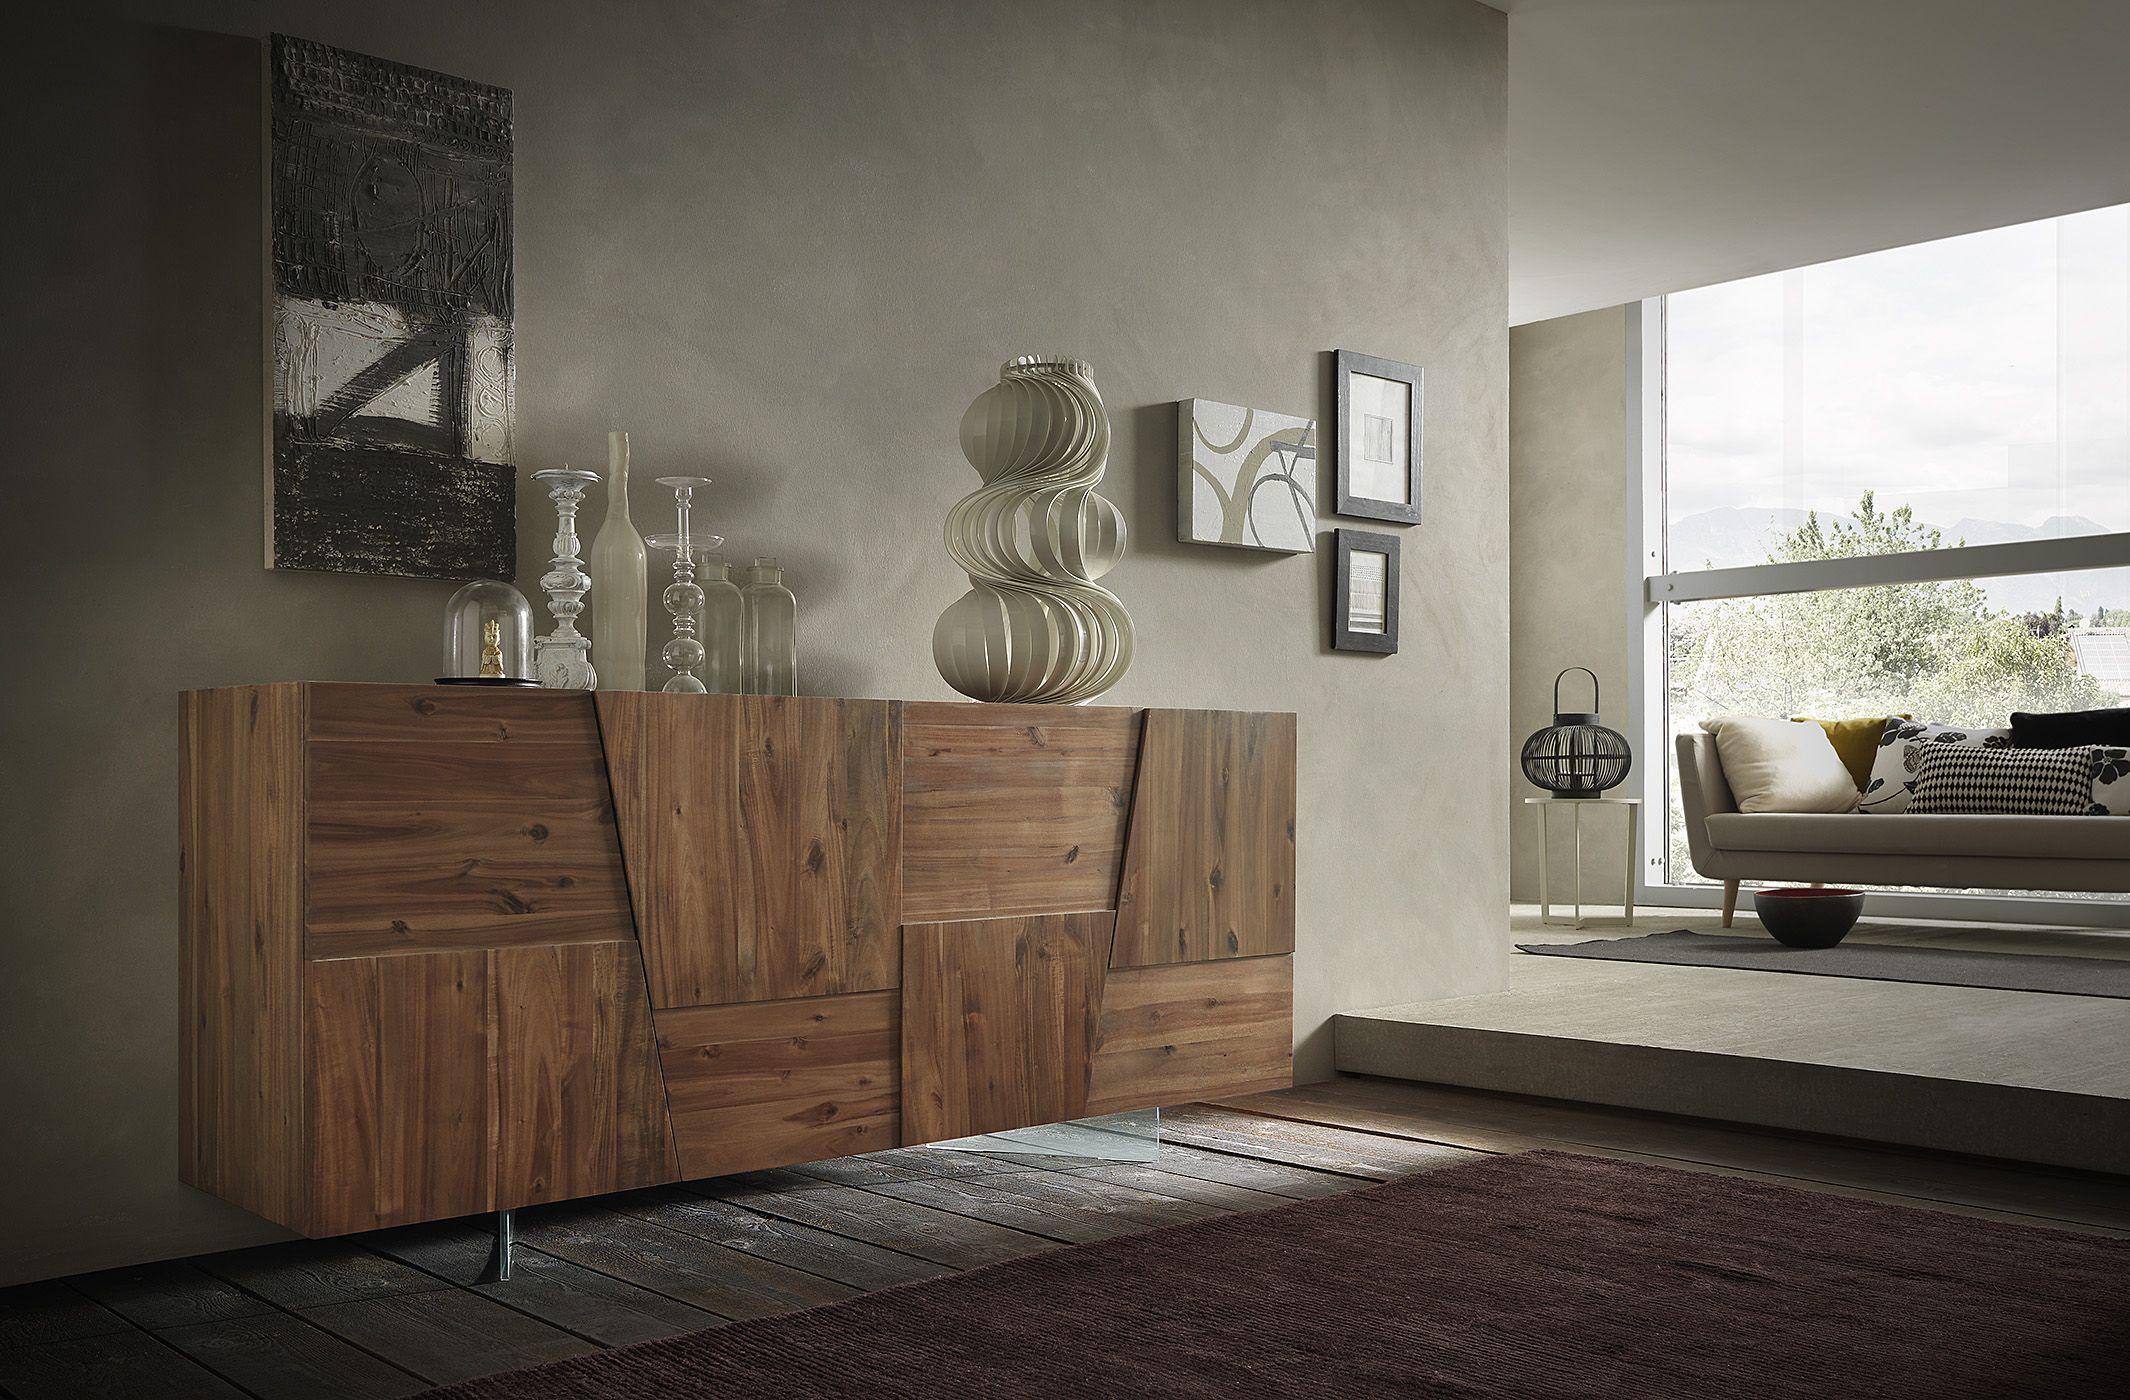 Sideboards   Haus deko, Design, Deko